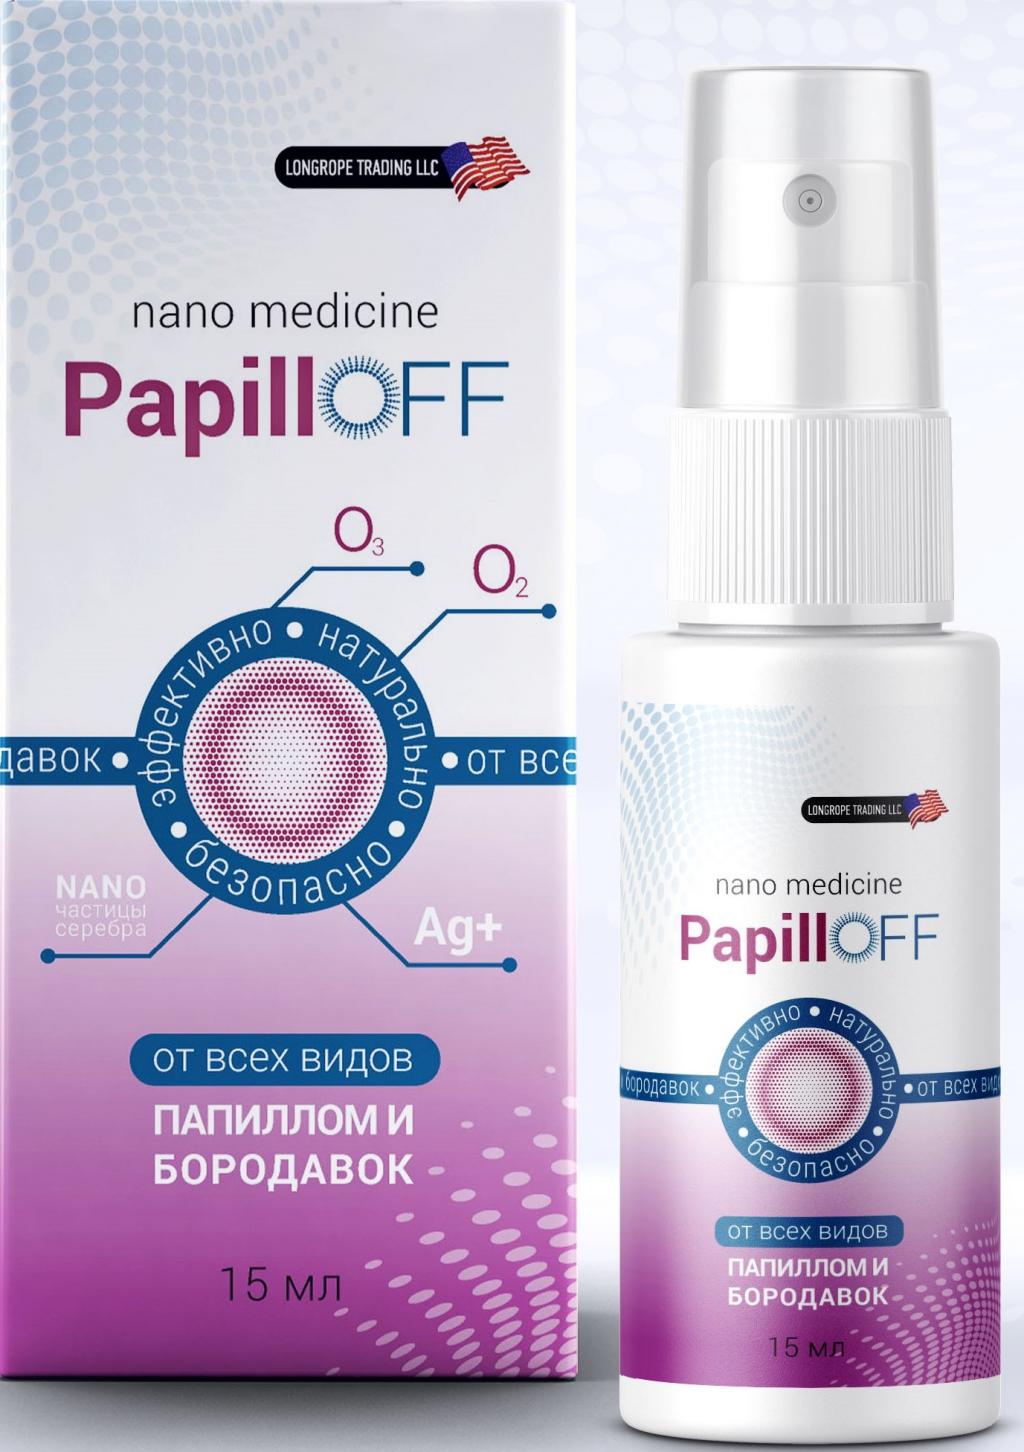 PapillOFF от папиллом и бородавок в Серпухове